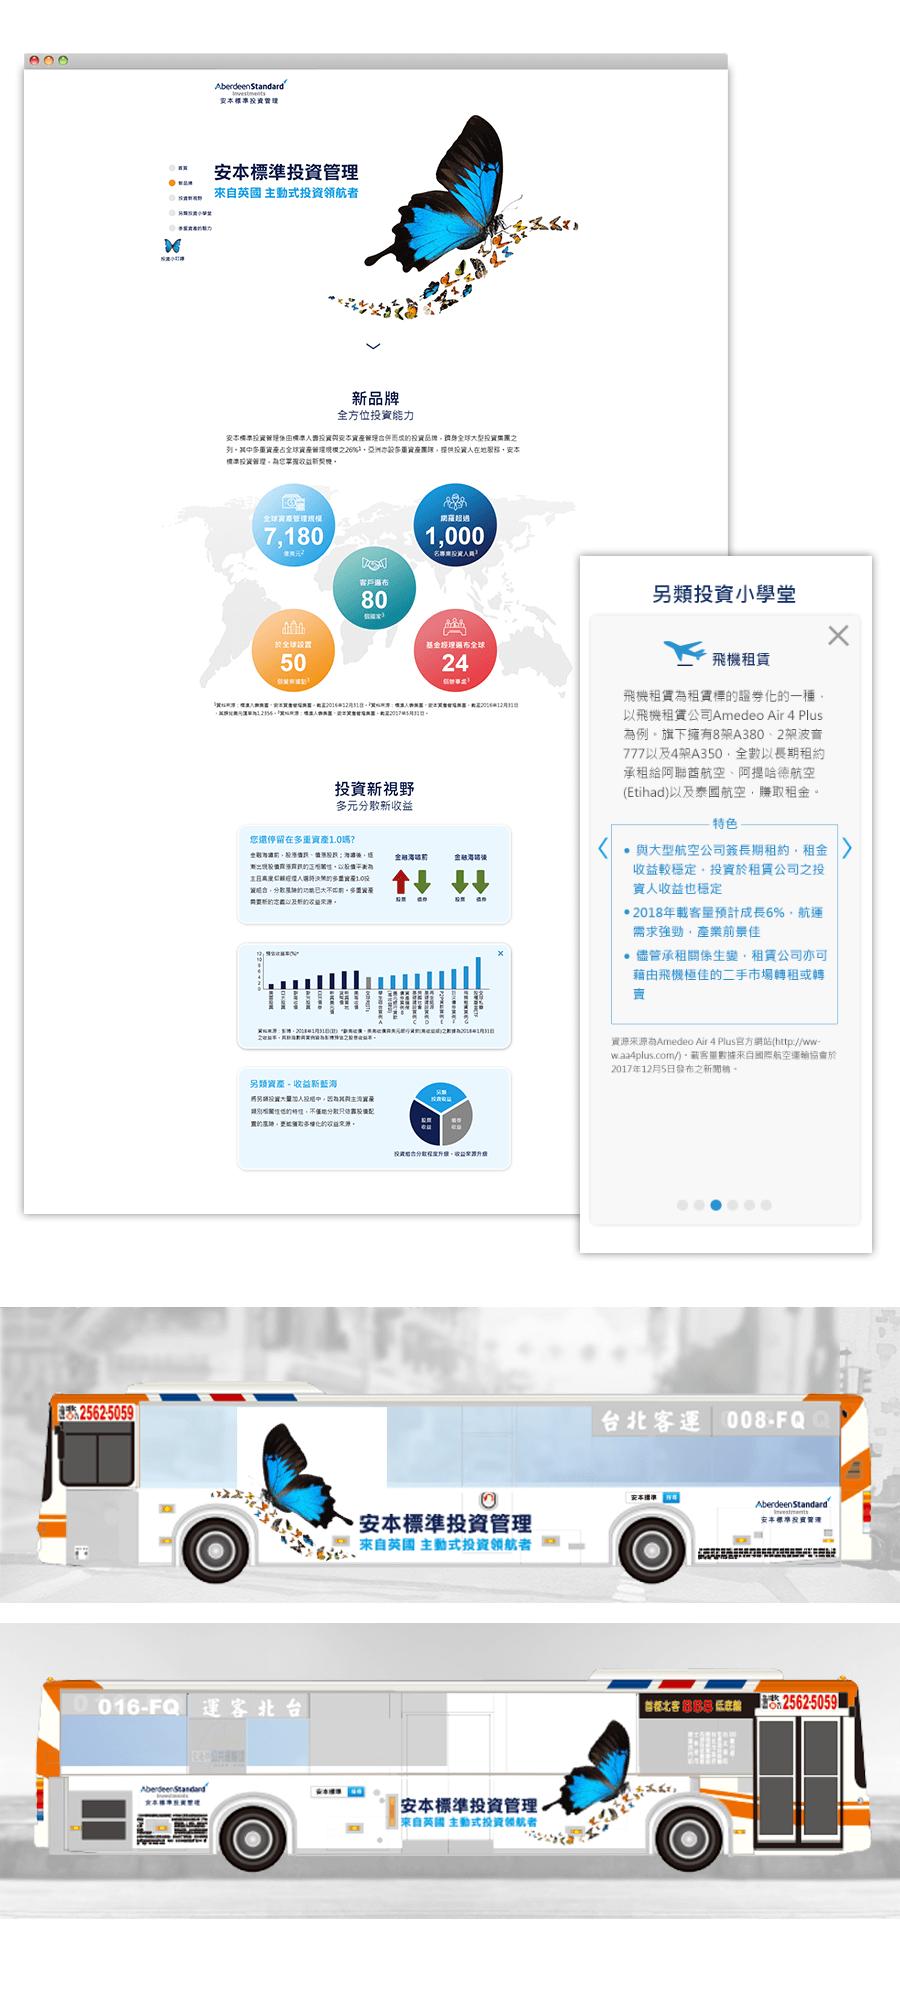 安本標準投資管理 品牌行銷 活動網站